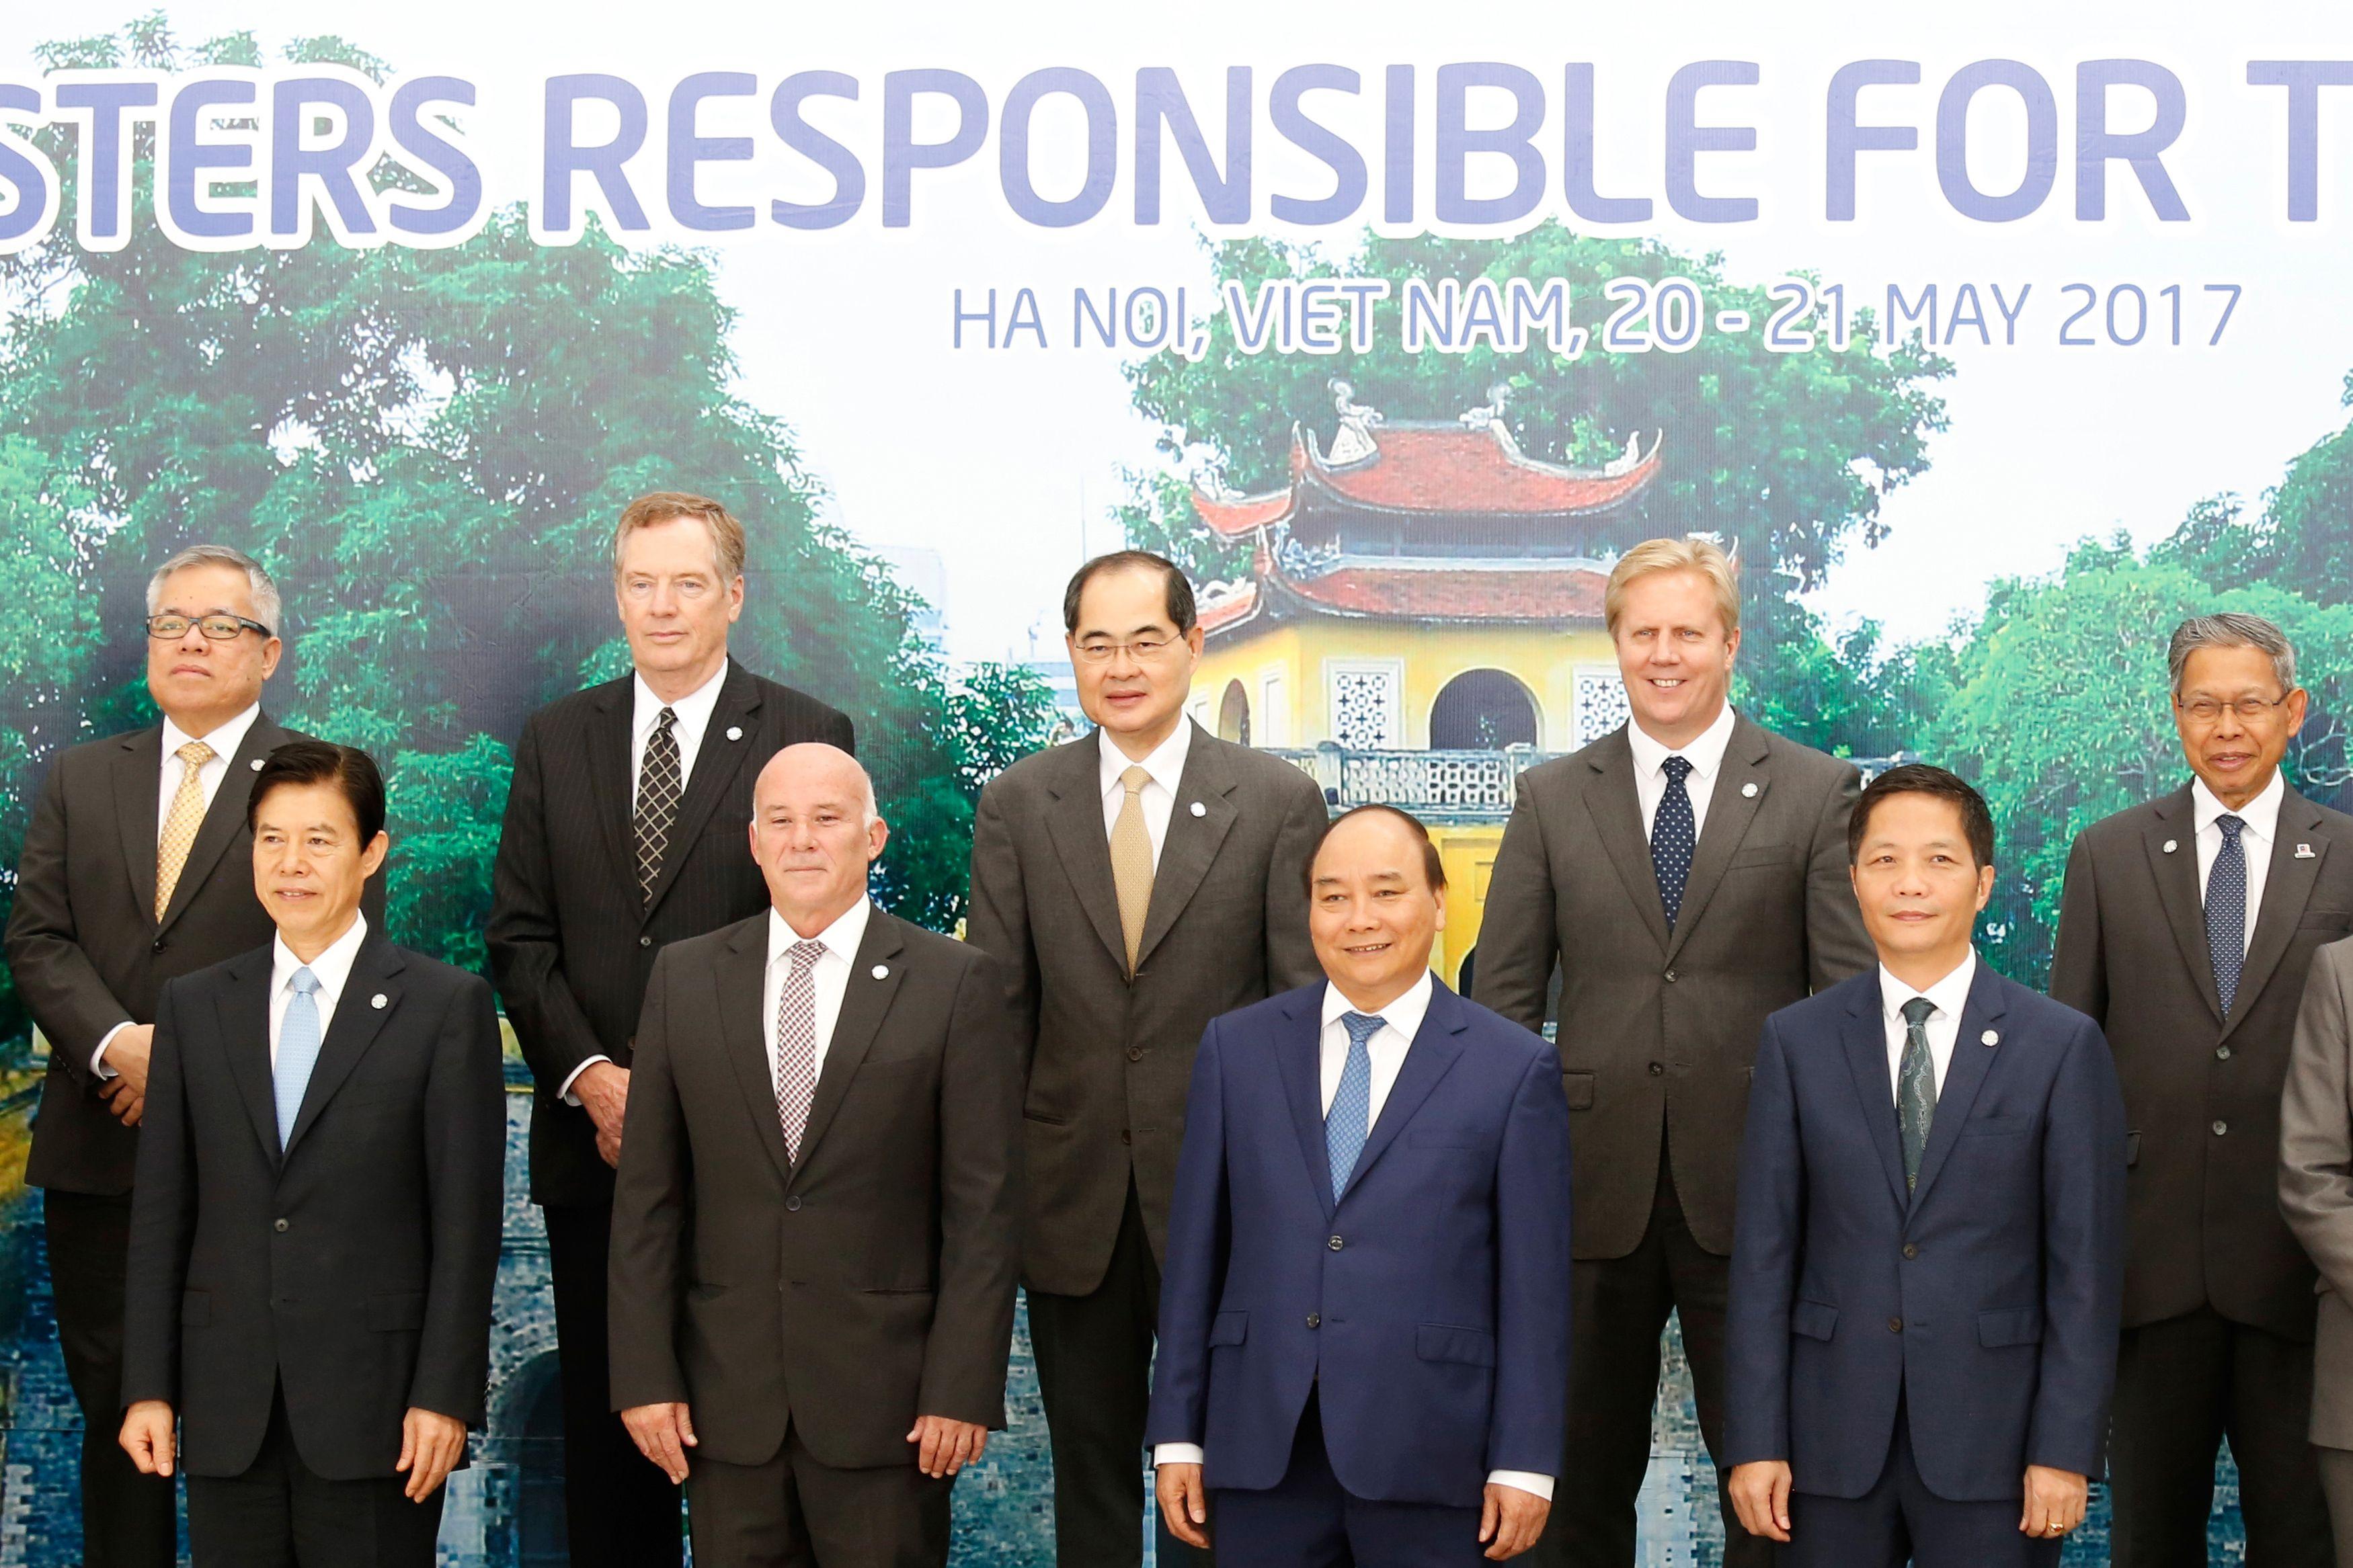 圖為2017年APEC會議上各國貿易代表或商務部長合照。第二排左二為美國貿易代表萊特希澤(Robert Lighthizer),左一為菲律賓貿部長拉佩斯(Ramon Lopez)。(KHAM/AFP/Getty Images)